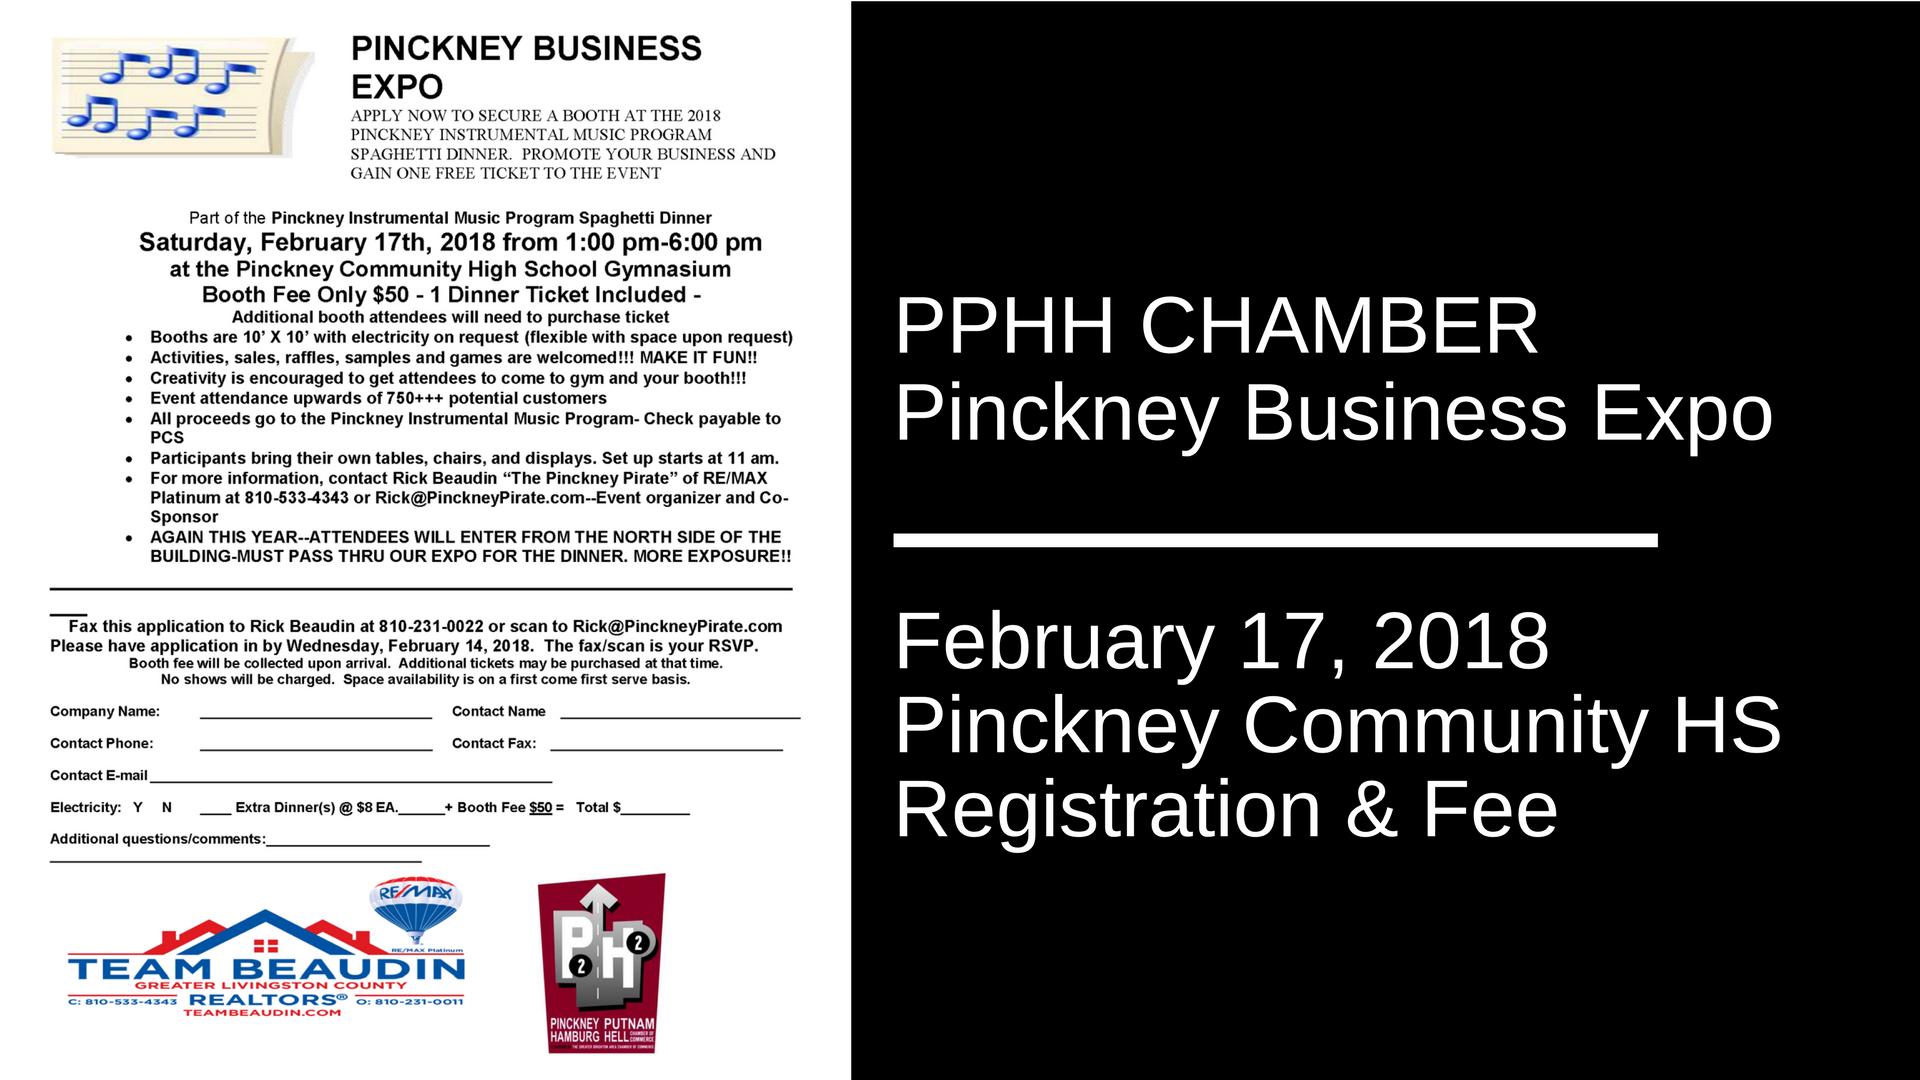 Pinckney_Expo.png